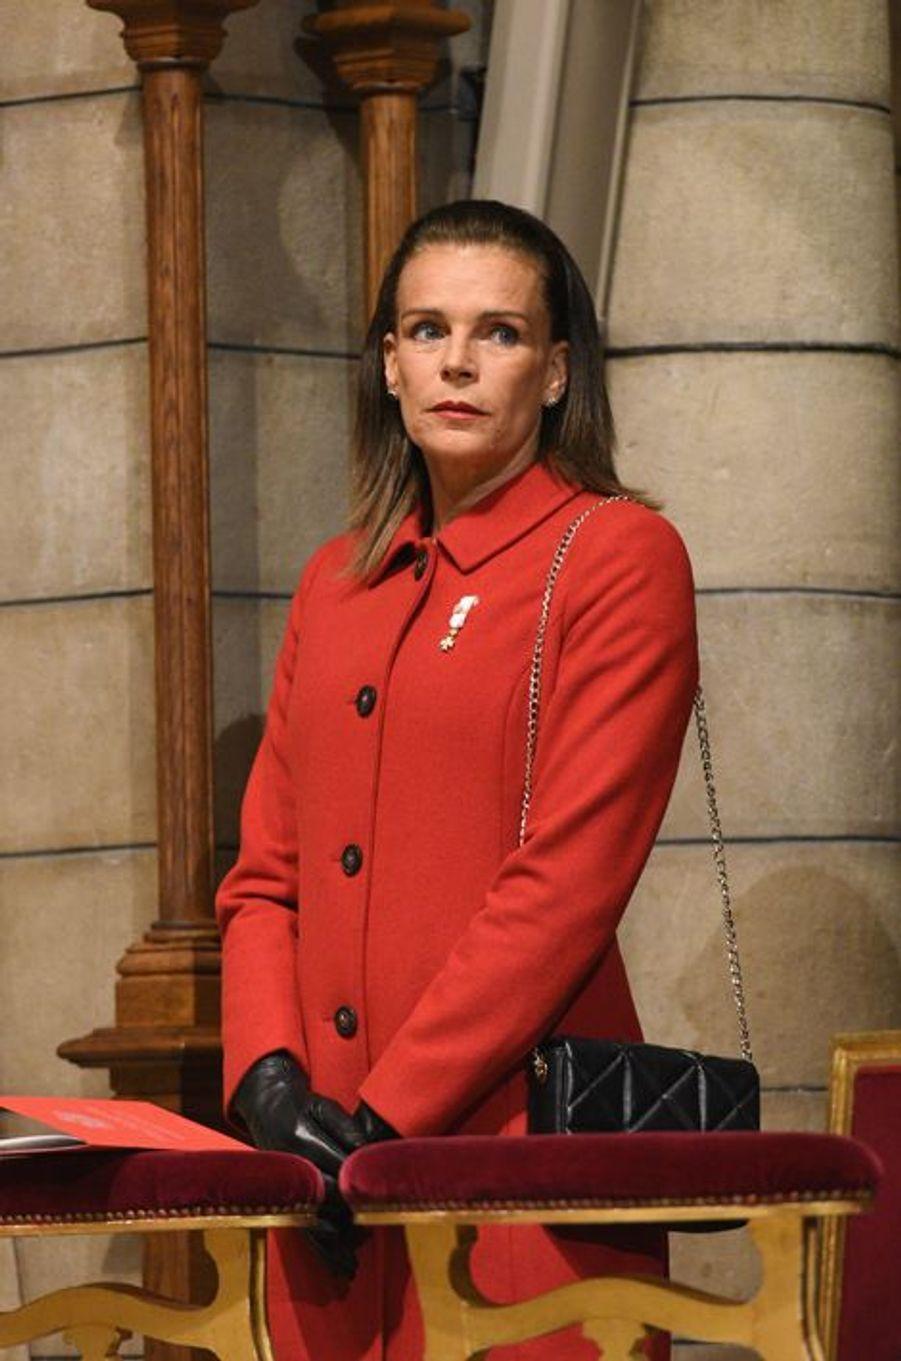 La princesse Stéphanie de Monaco à Monaco, le 19 novembre 2015